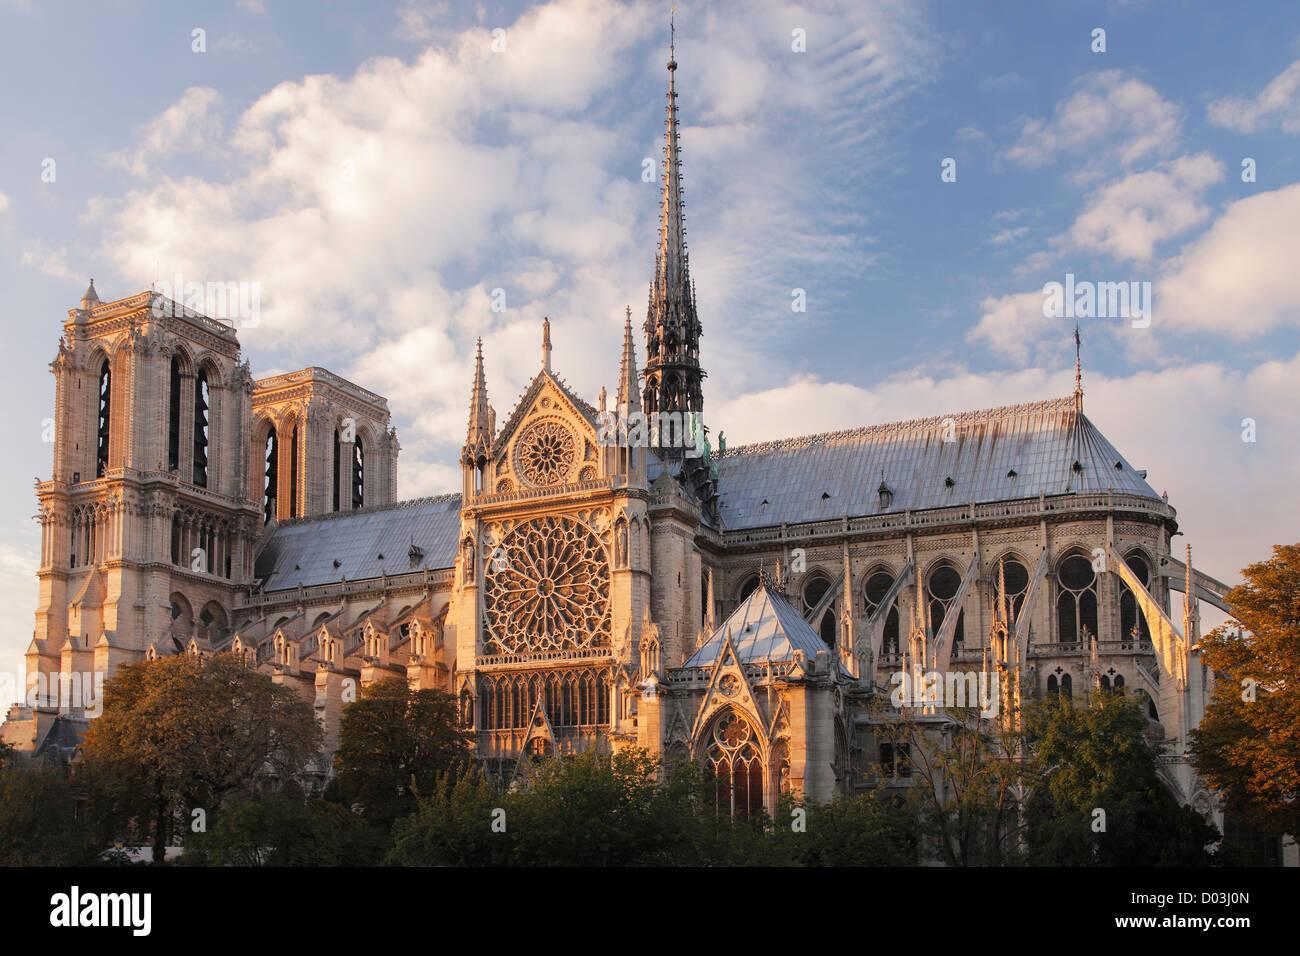 Notre Dame de Paris; La cathédrale Notre-Dame de Paris Stock Photo